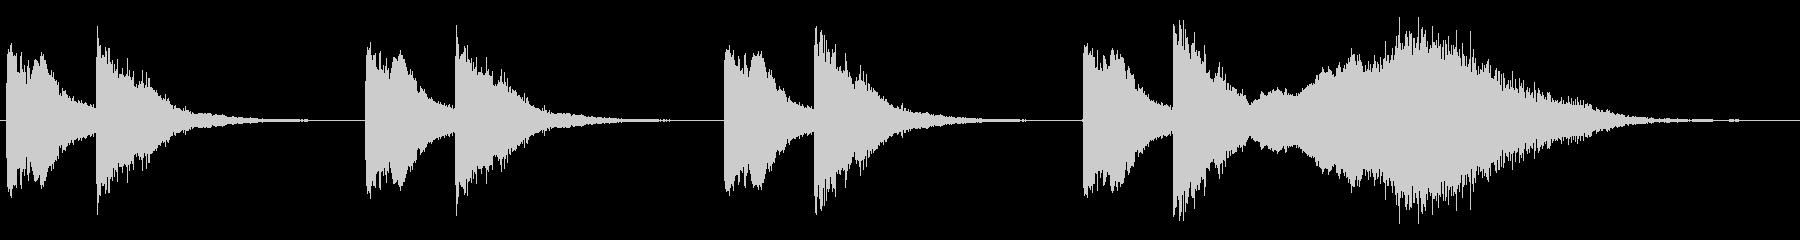 音楽、ゴシックステム、ベルヒッツ、...の未再生の波形